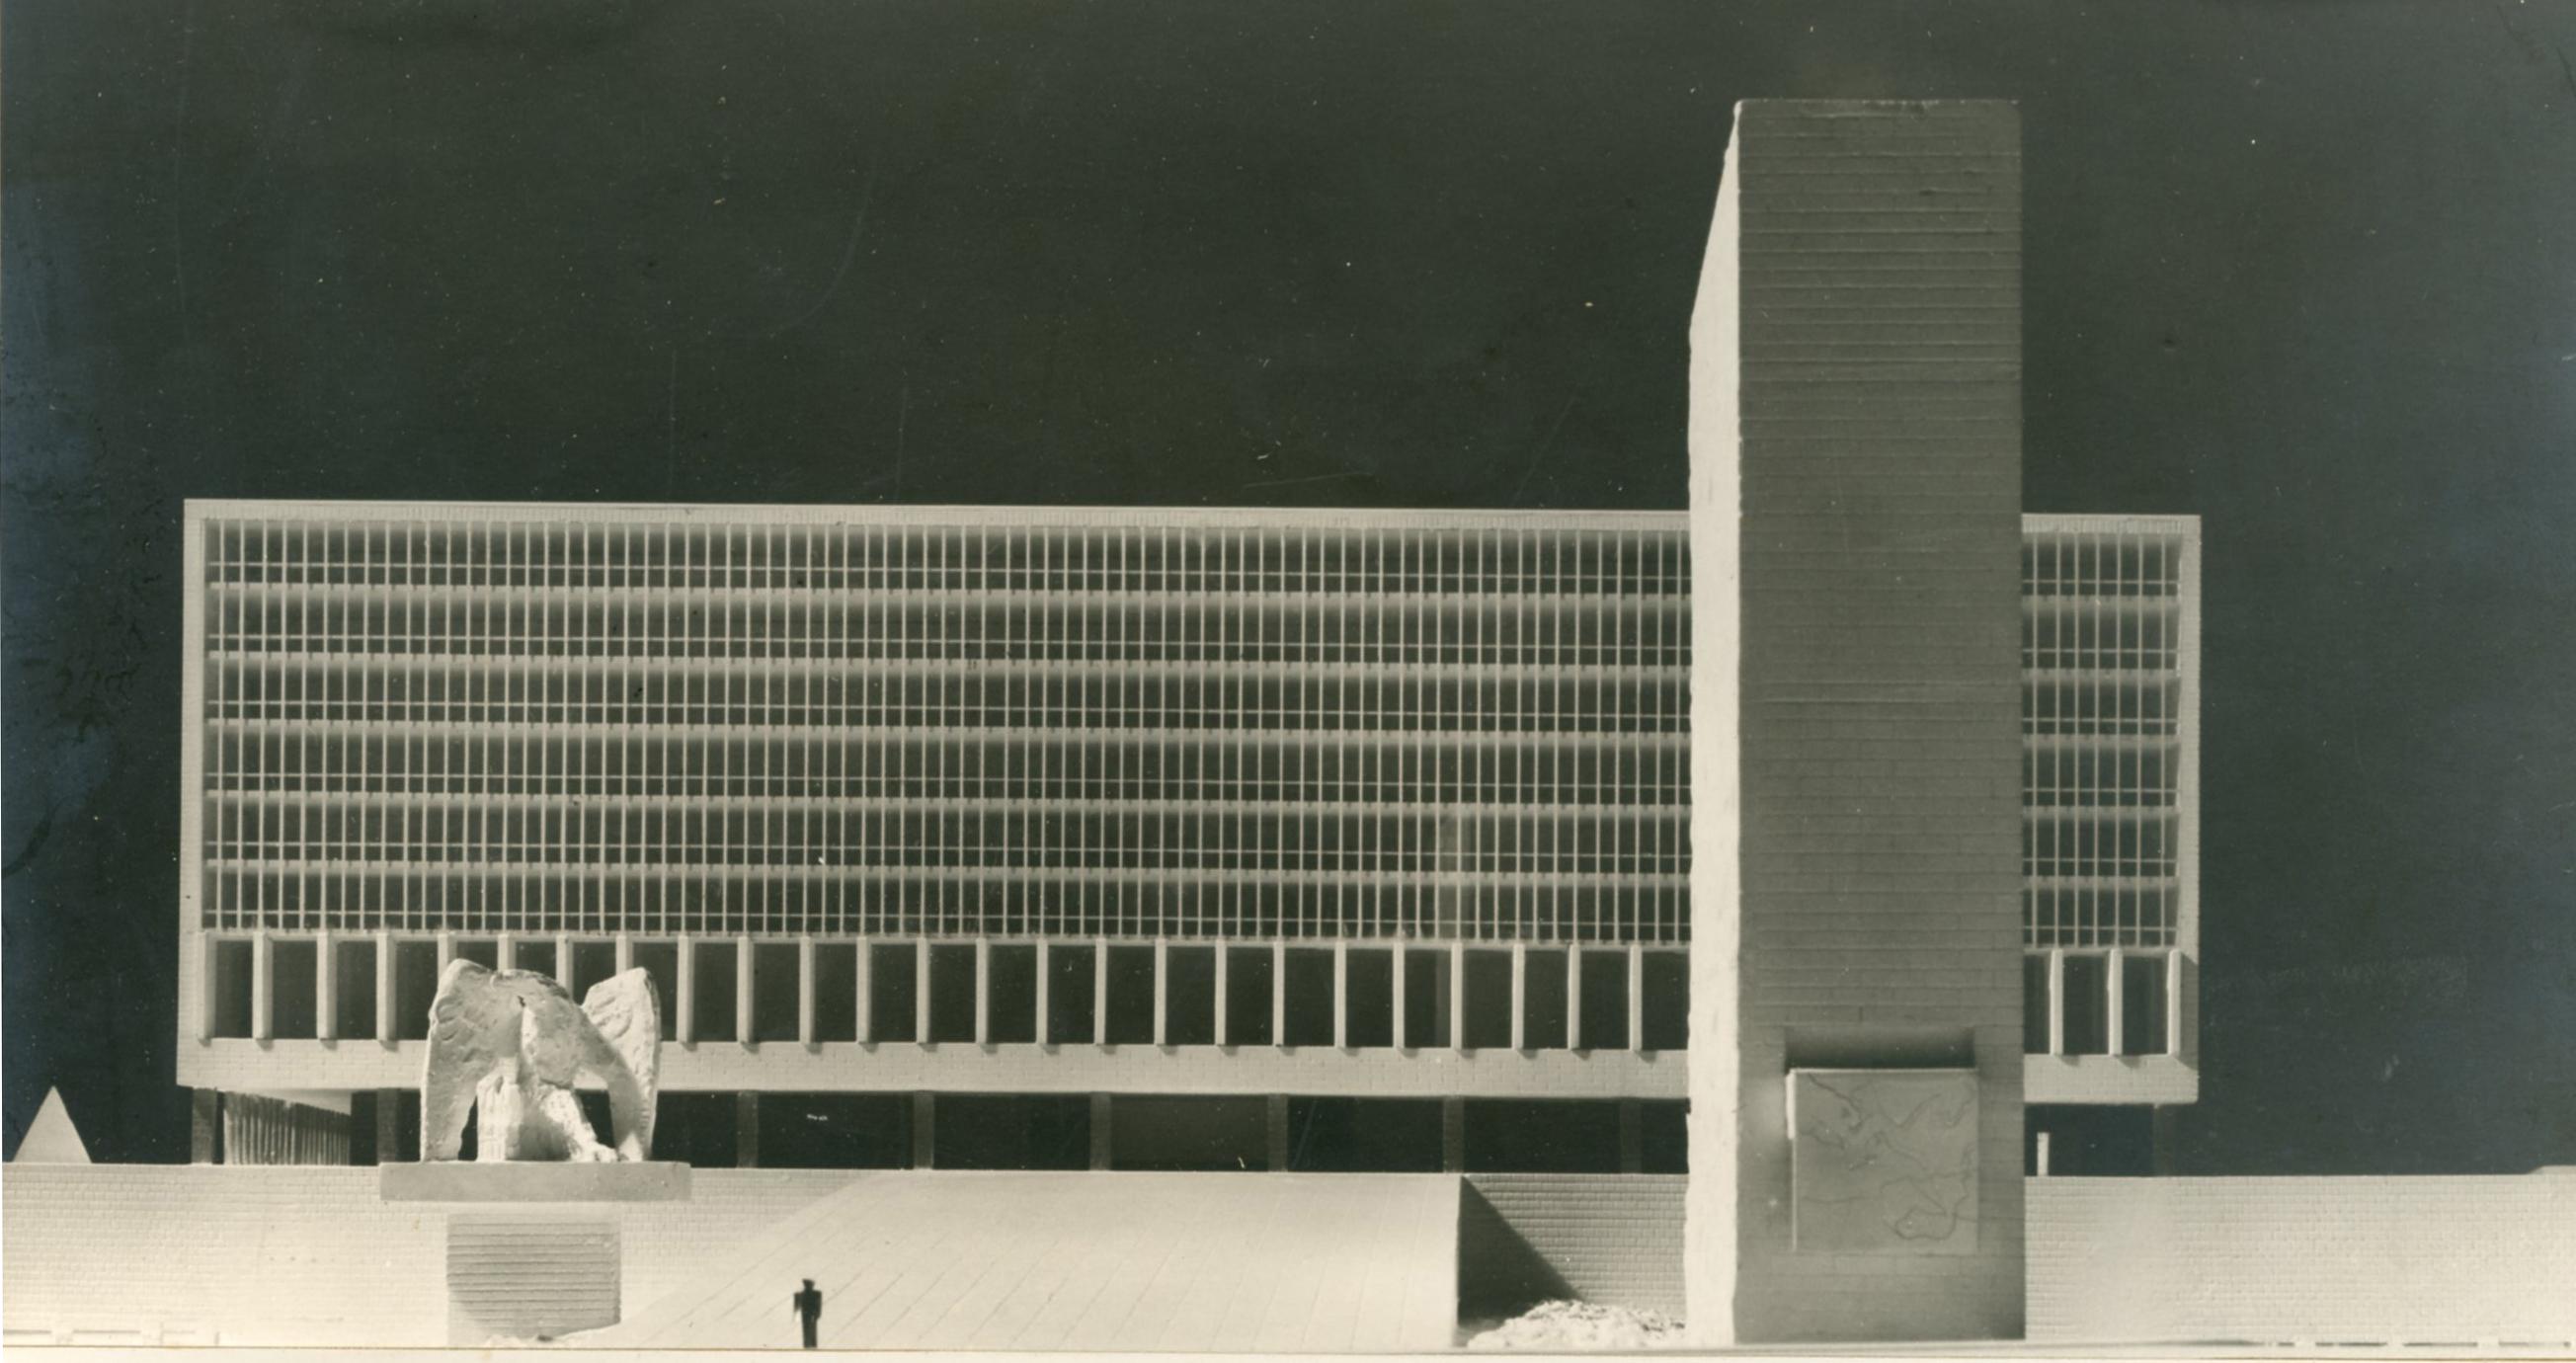 Progetto di concorso (secondo grado) per il palazzo del Littorio nel quartiere Aventino, Roma